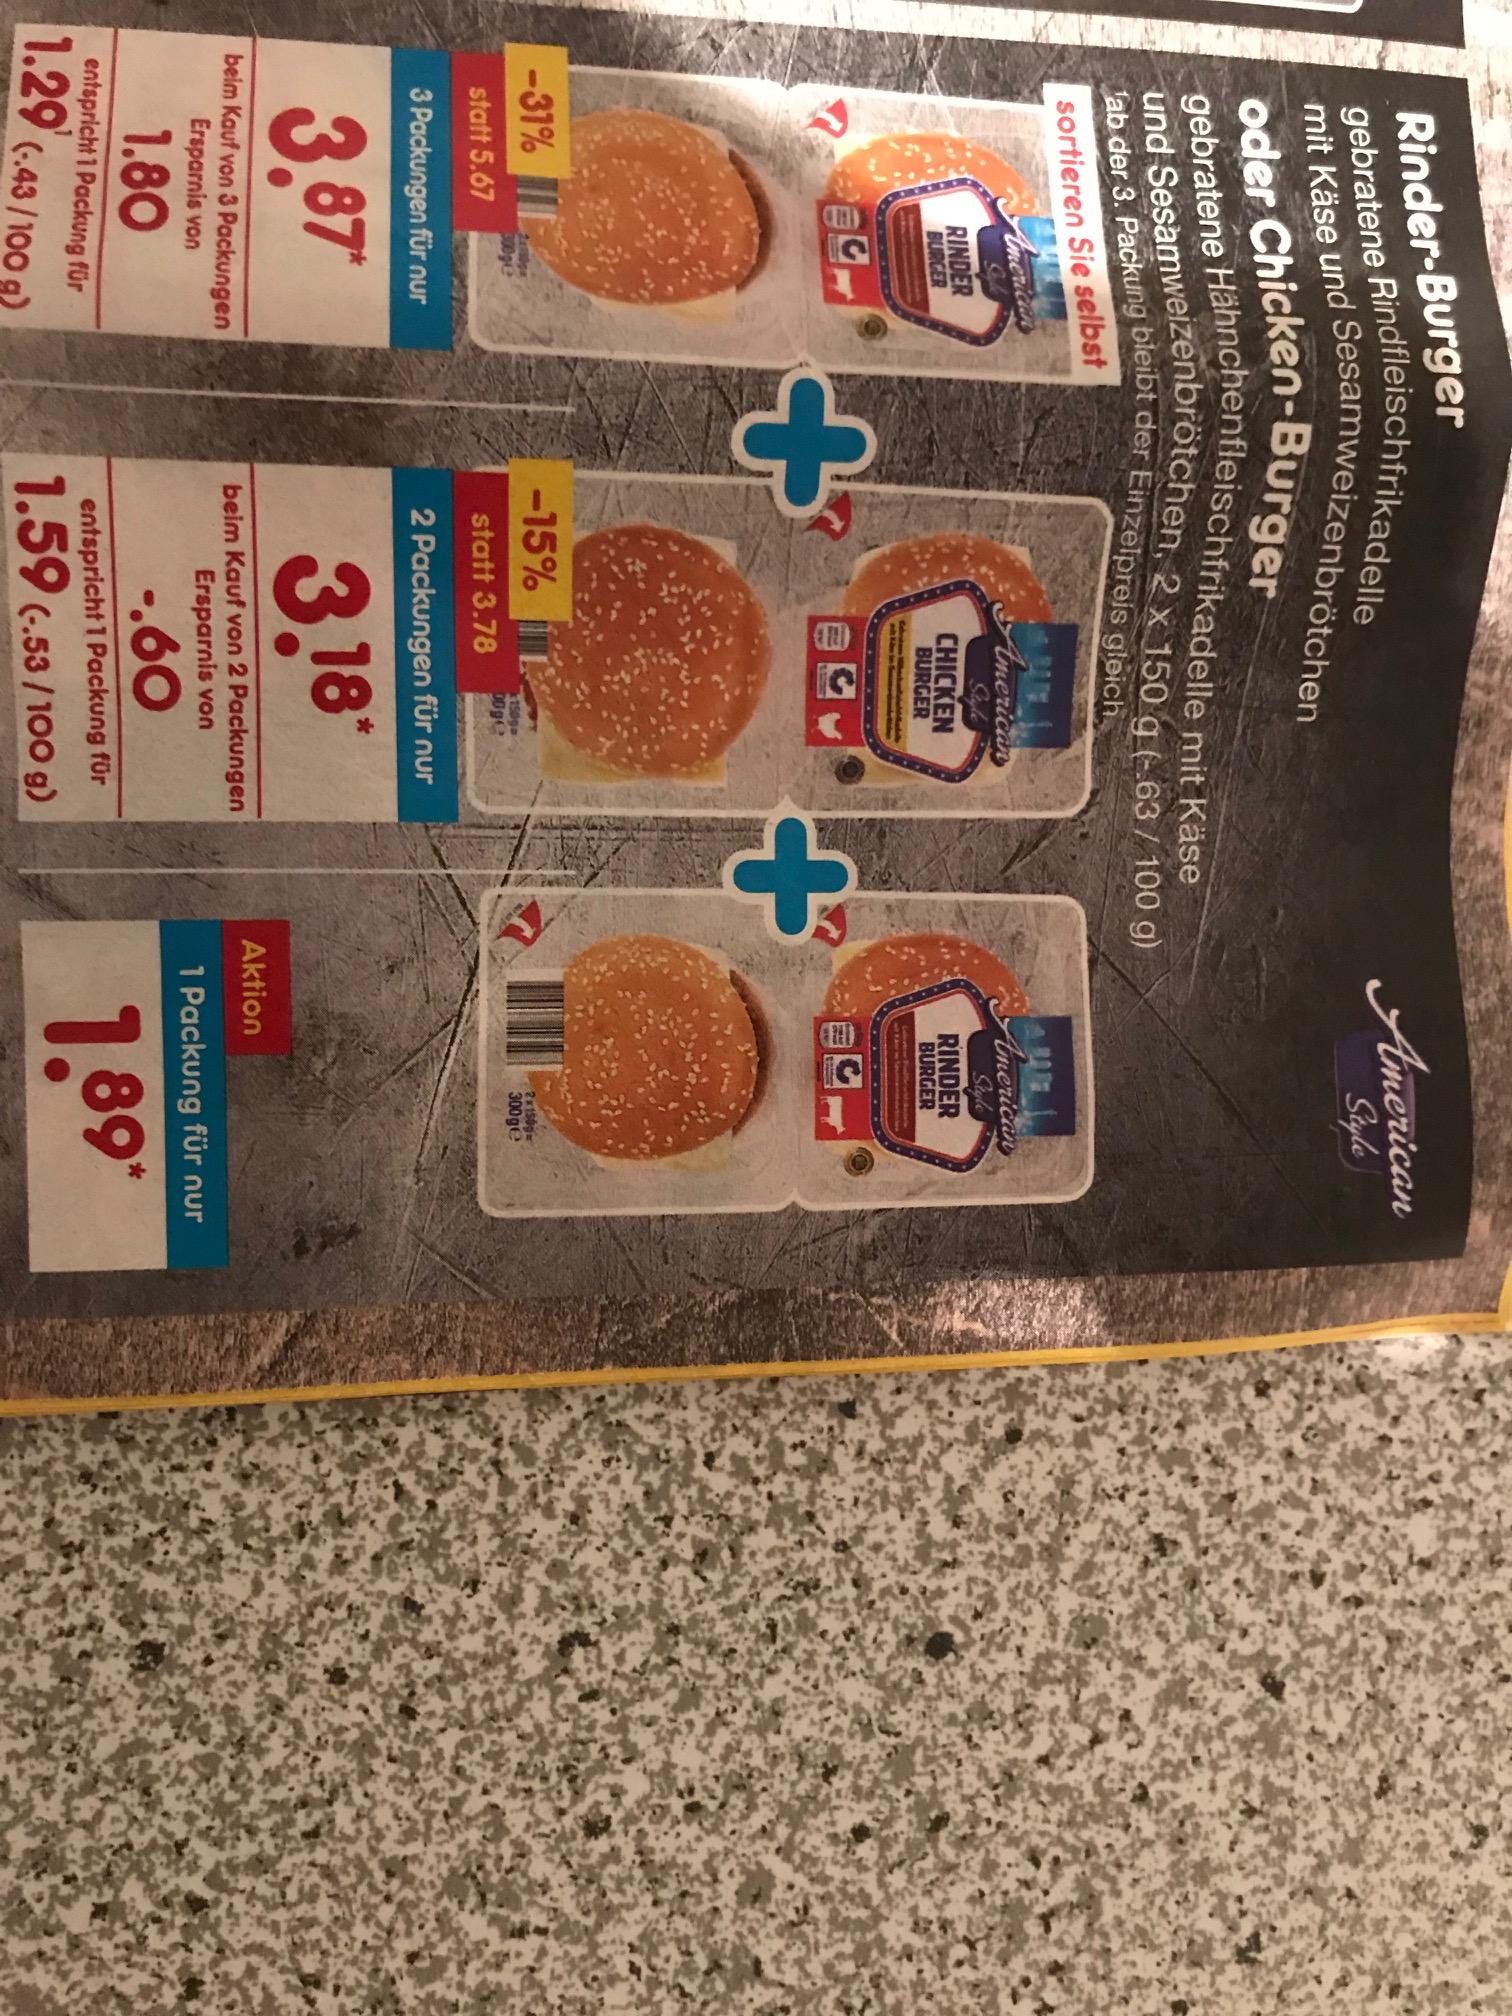 3 Packungen Rinder-Burger oder Chicken-Burger beim Netto-Marken-Discount für 3,87 Euro